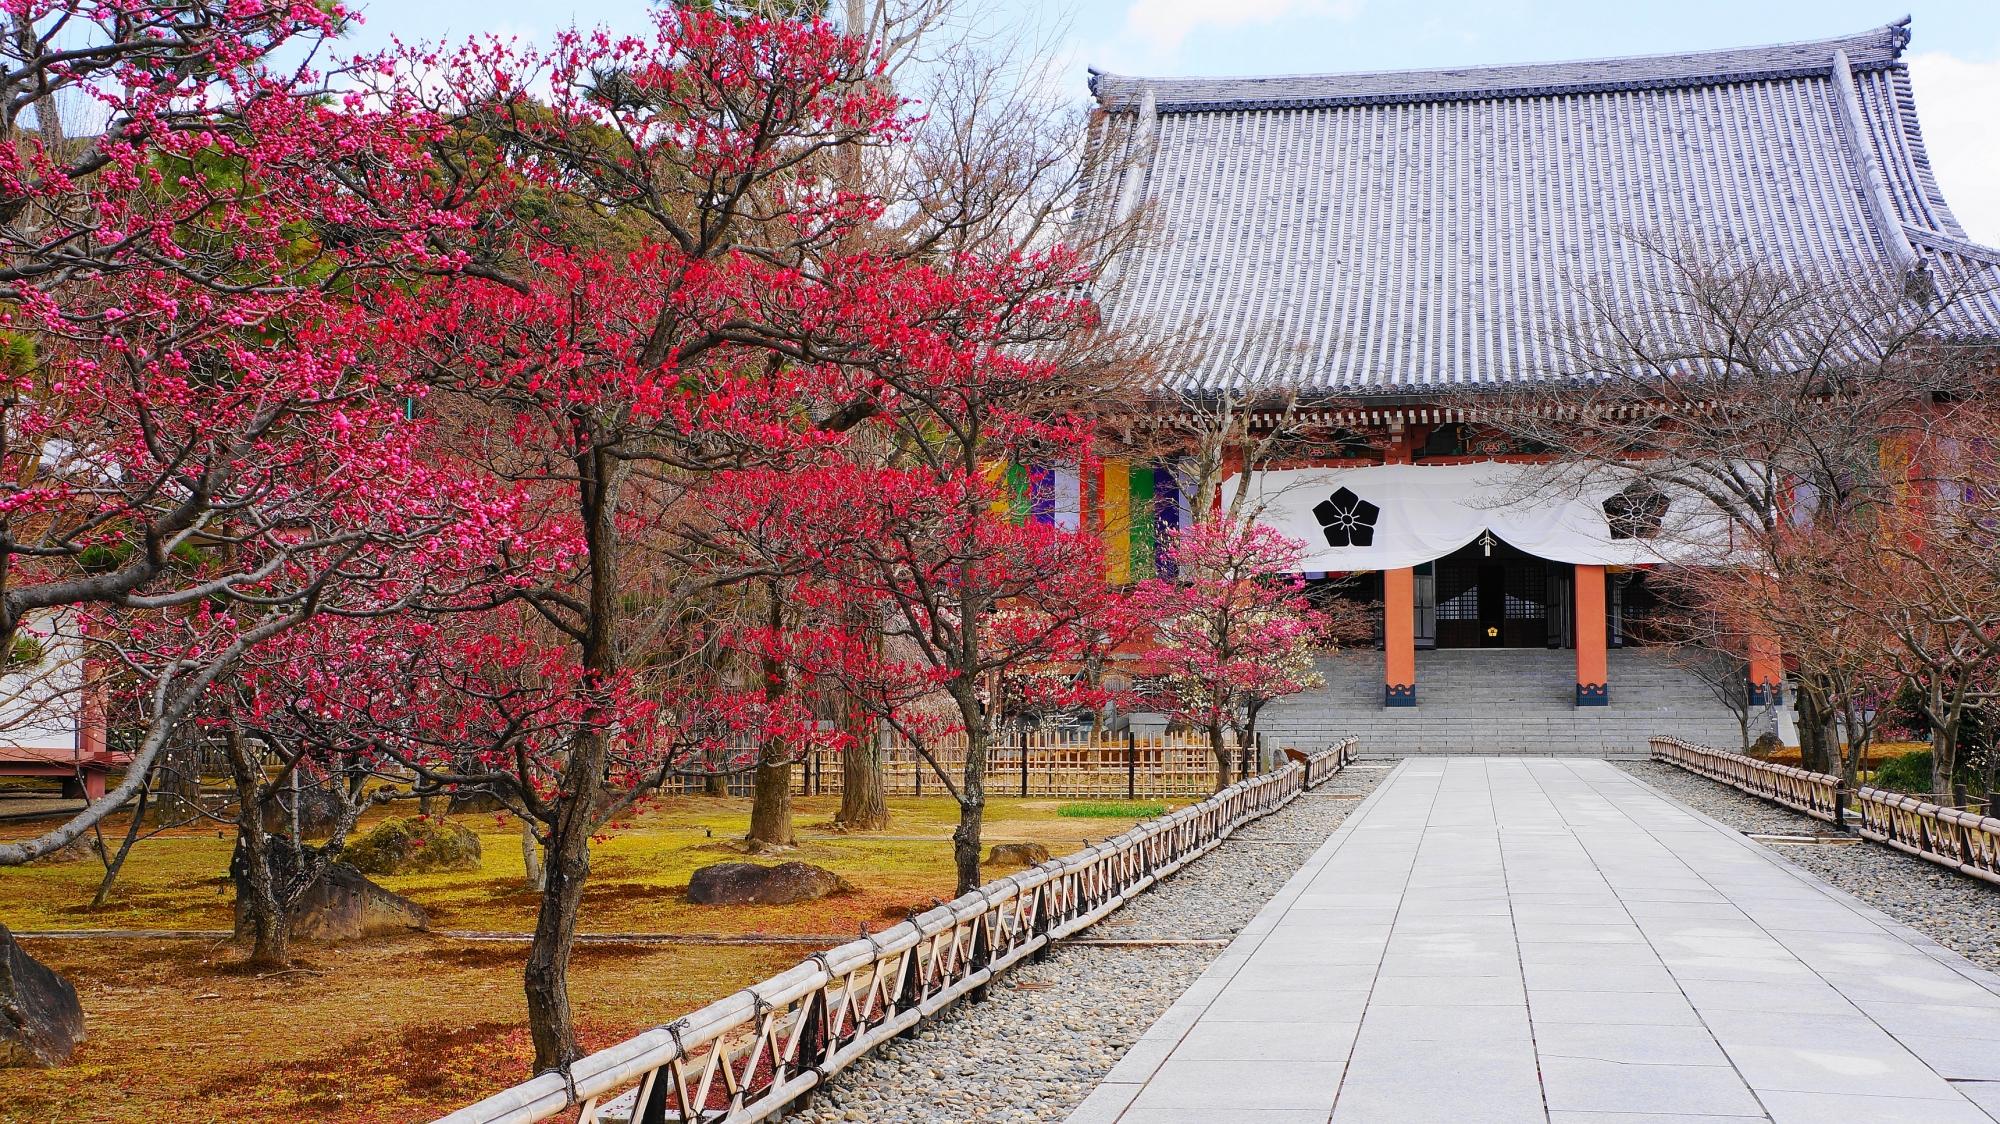 満開の鮮やかな梅にそまる金堂